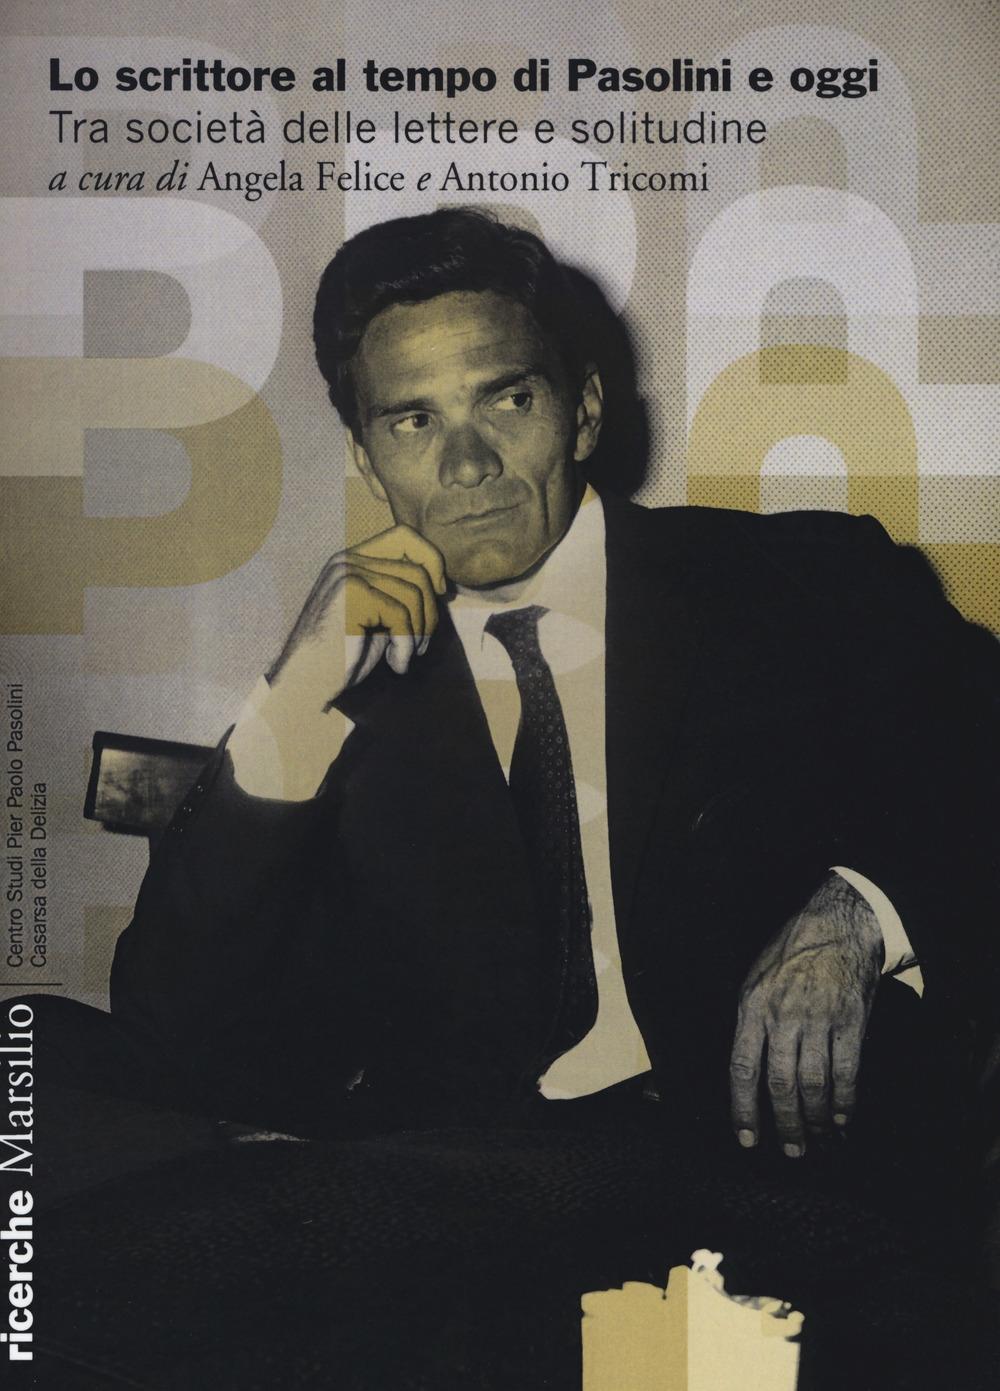 Lo scrittore al tempo di Pasolini e oggi. Tra società delle lettere e solitudine